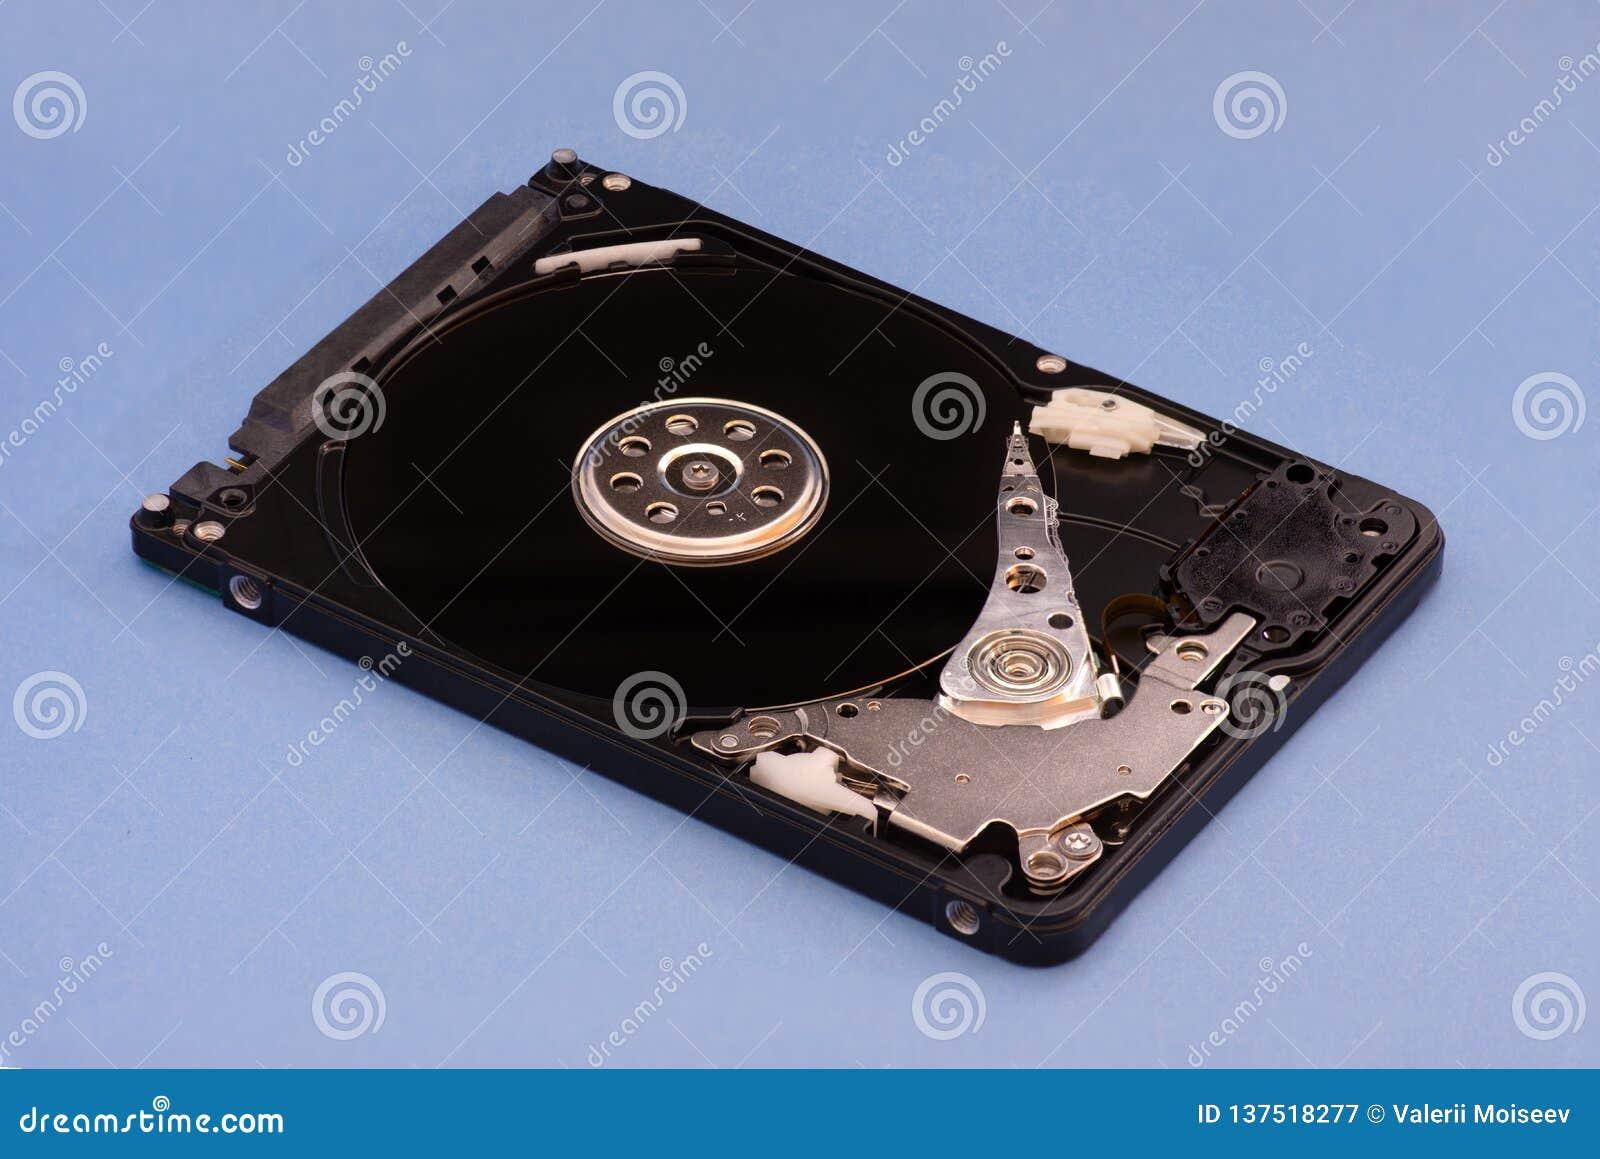 Opened拆卸了硬盘从计算机,与镜子作用的hdd 在蓝色背景